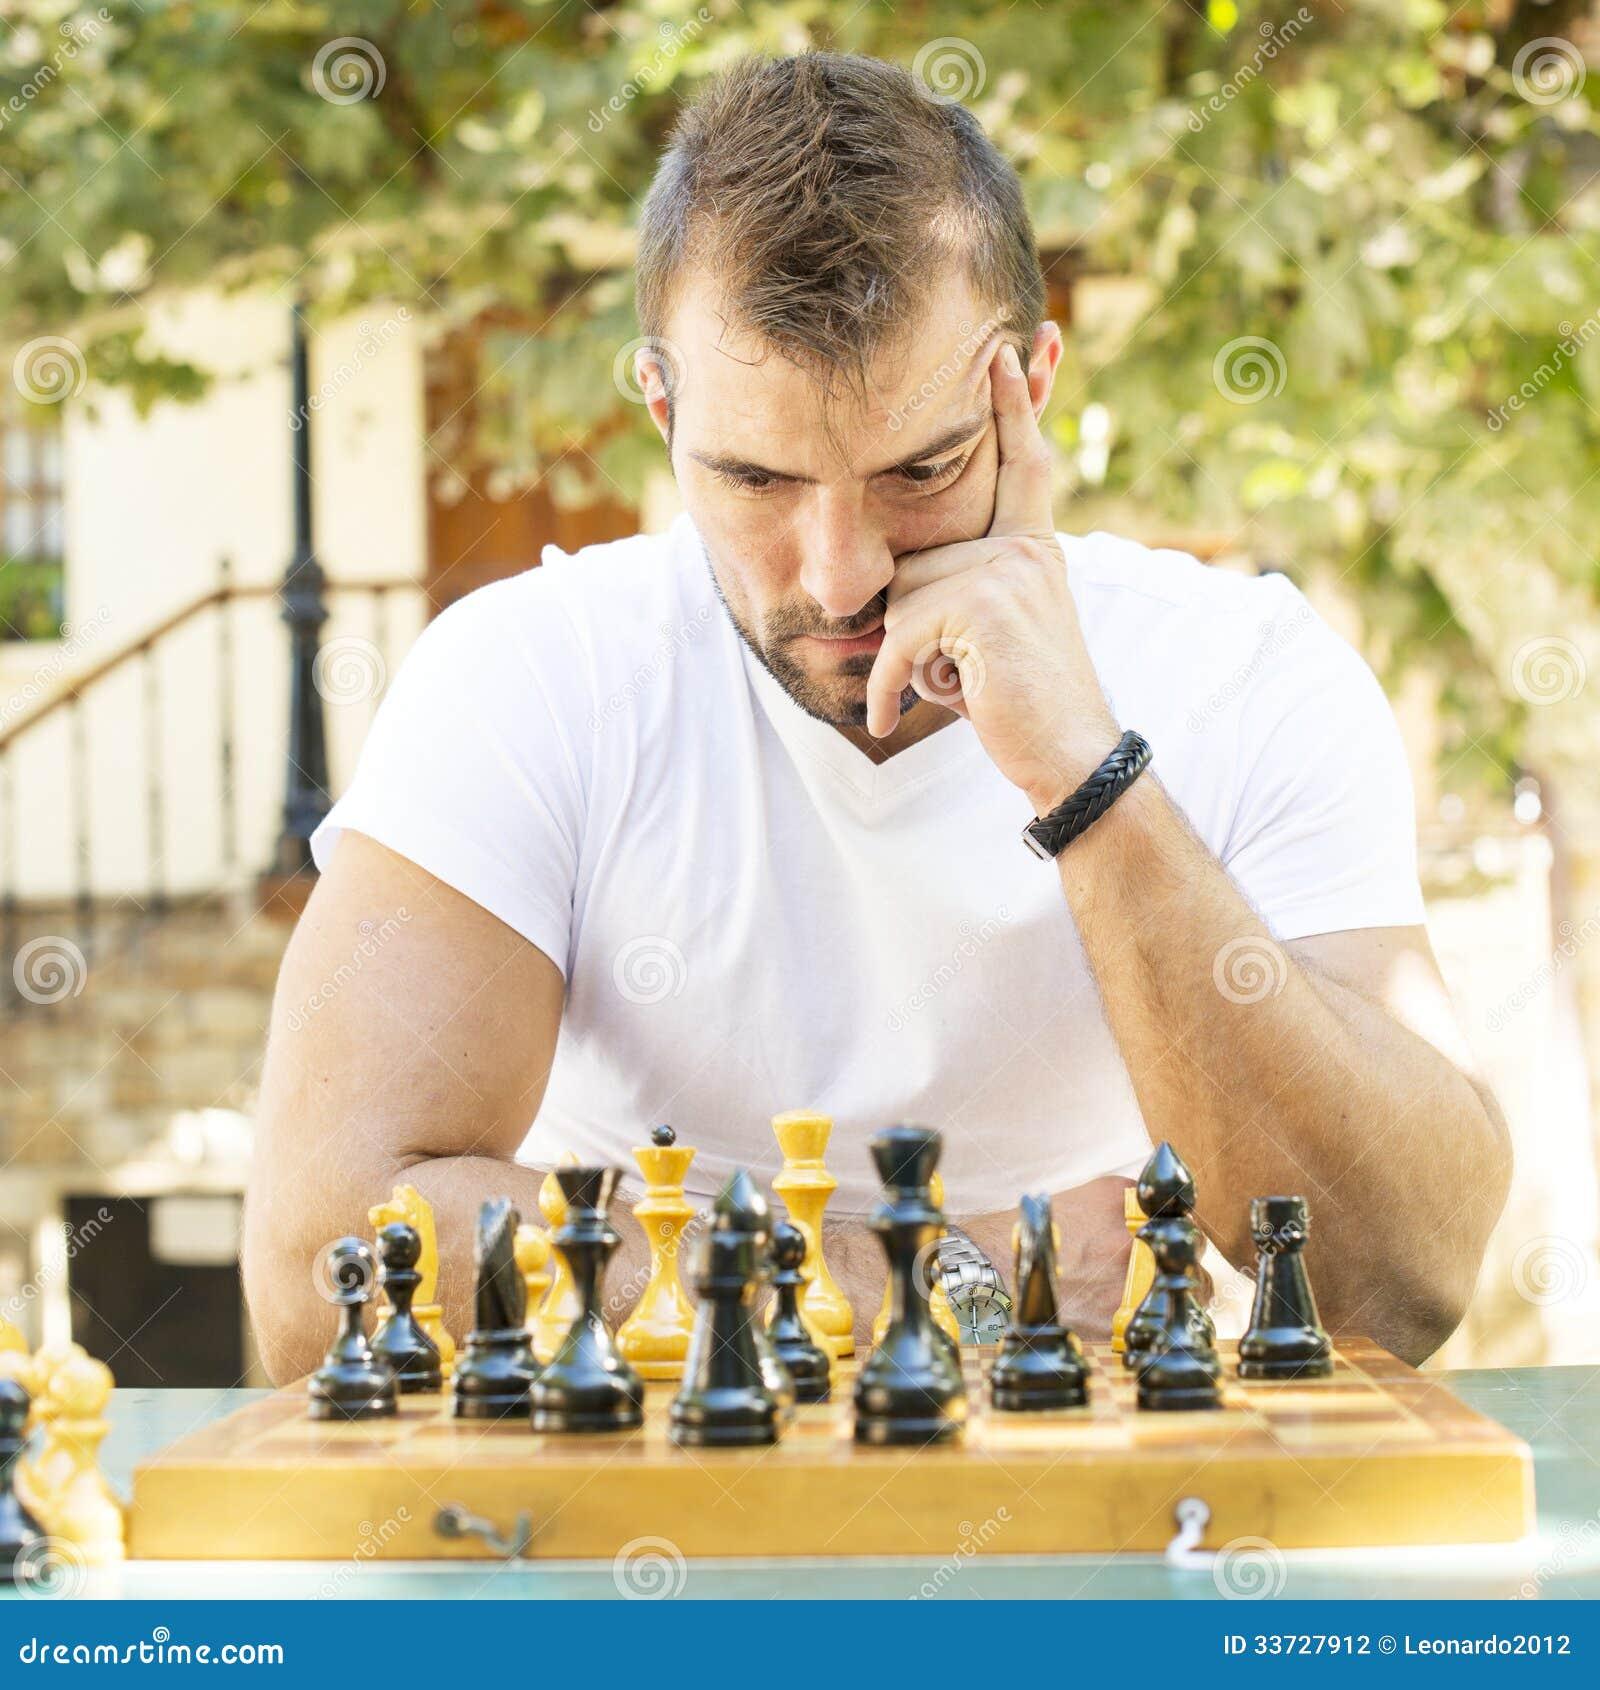 El hombre juega a ajedrez.